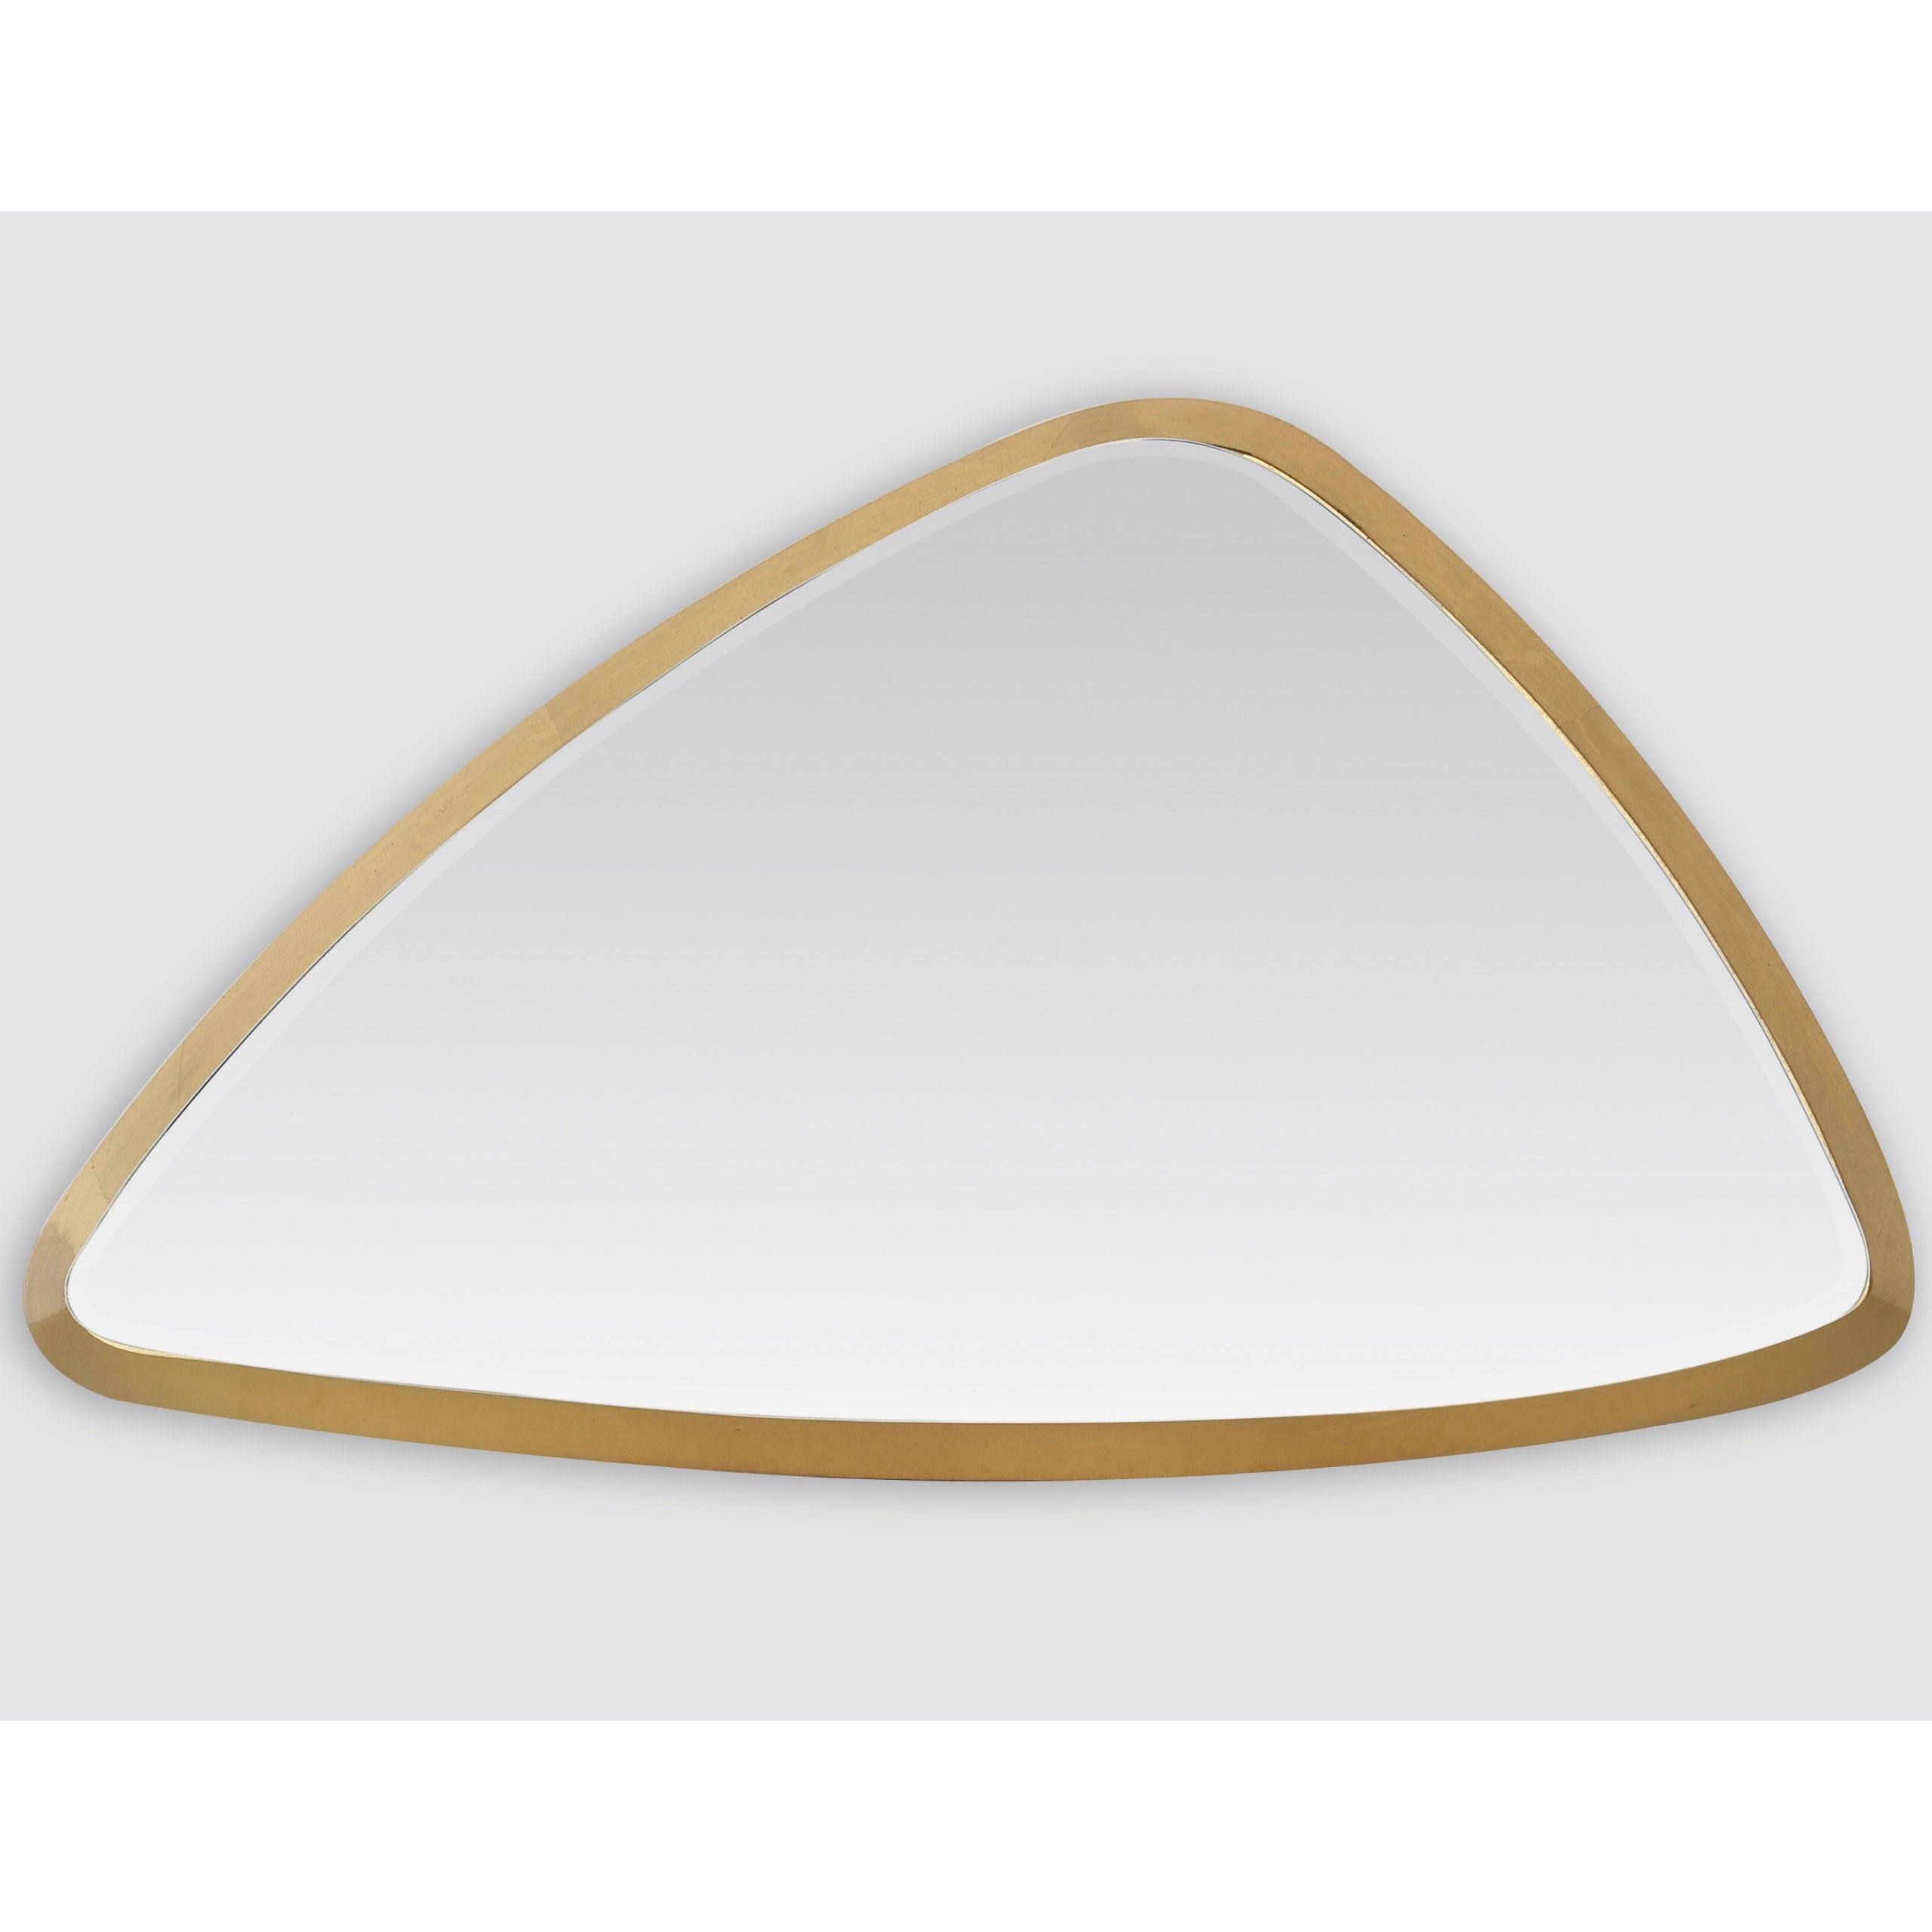 Miroir triangulaire Biseauté, dorée, l.46 x H.46 cm